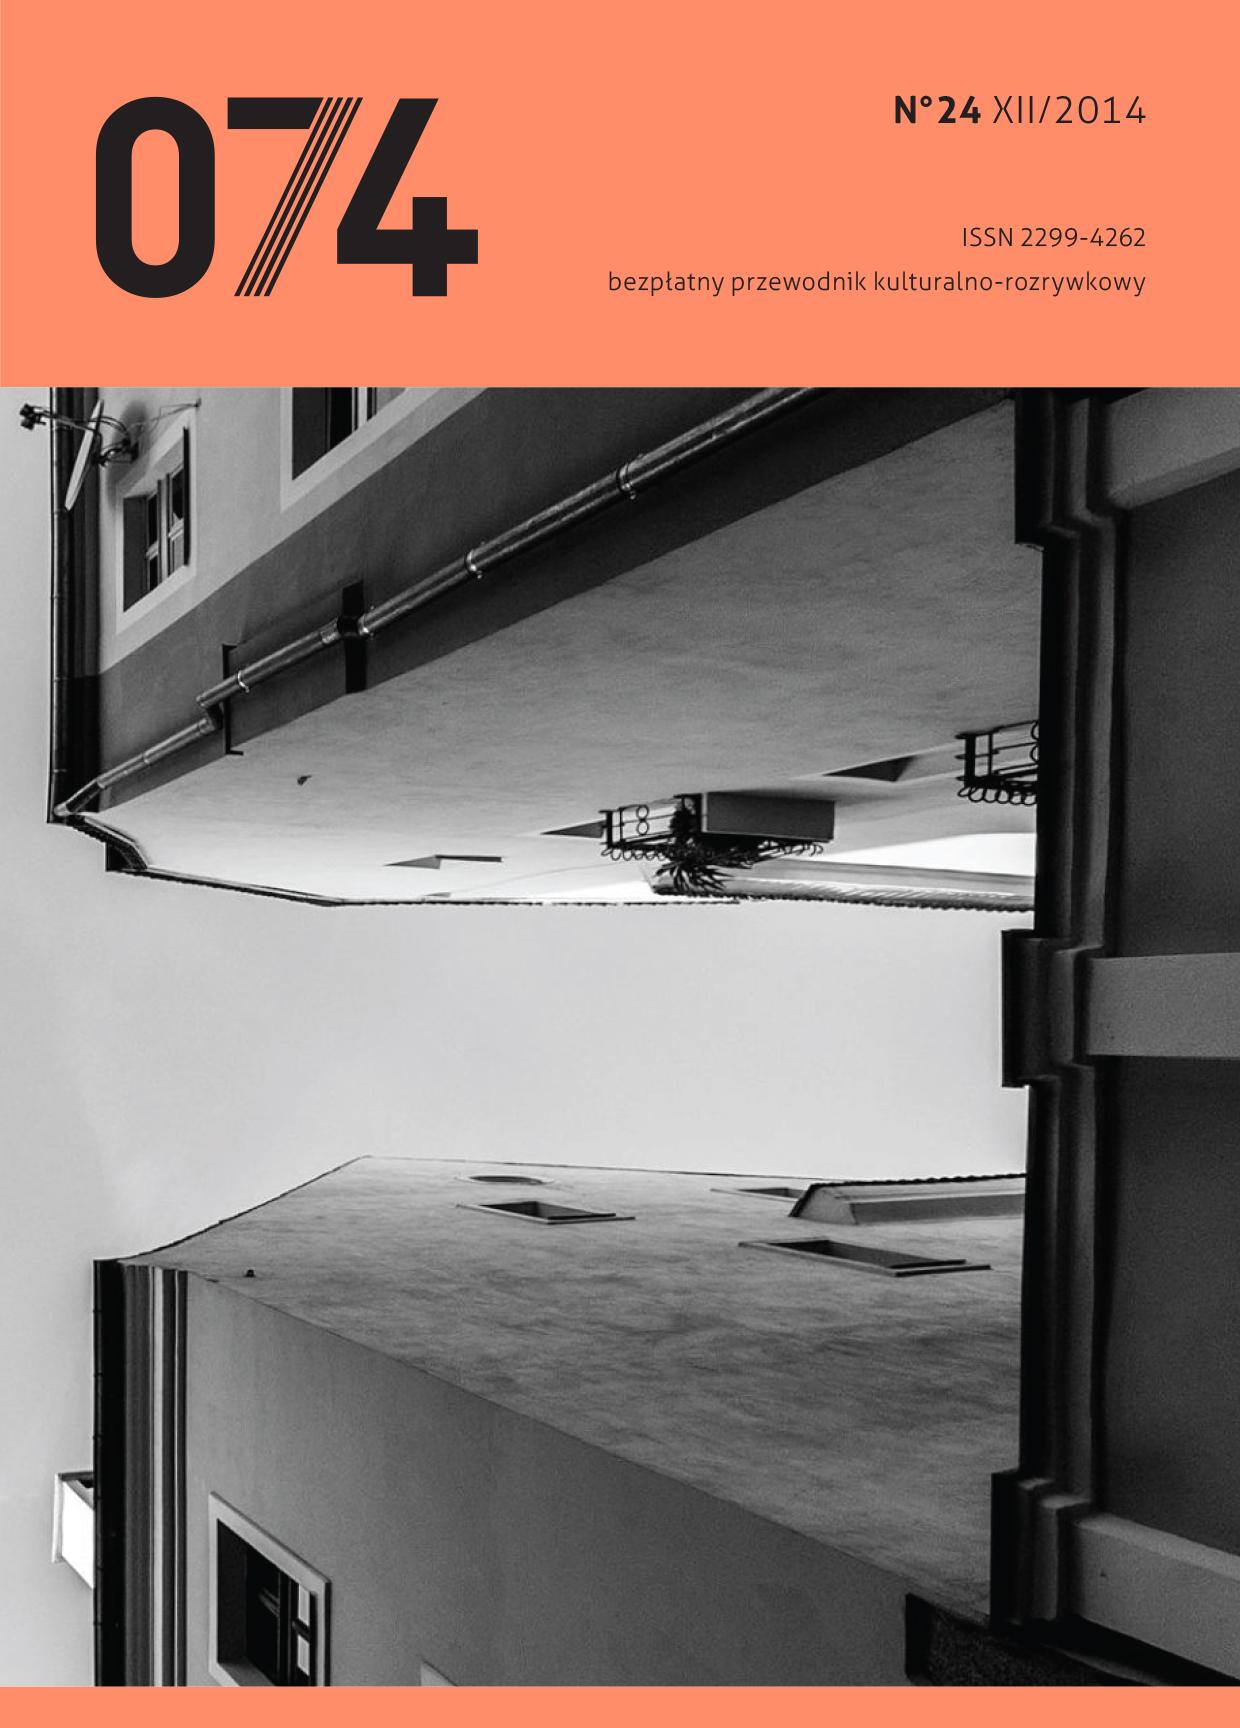 074: informator kulturalno-rozrywkowy (XII 2014)